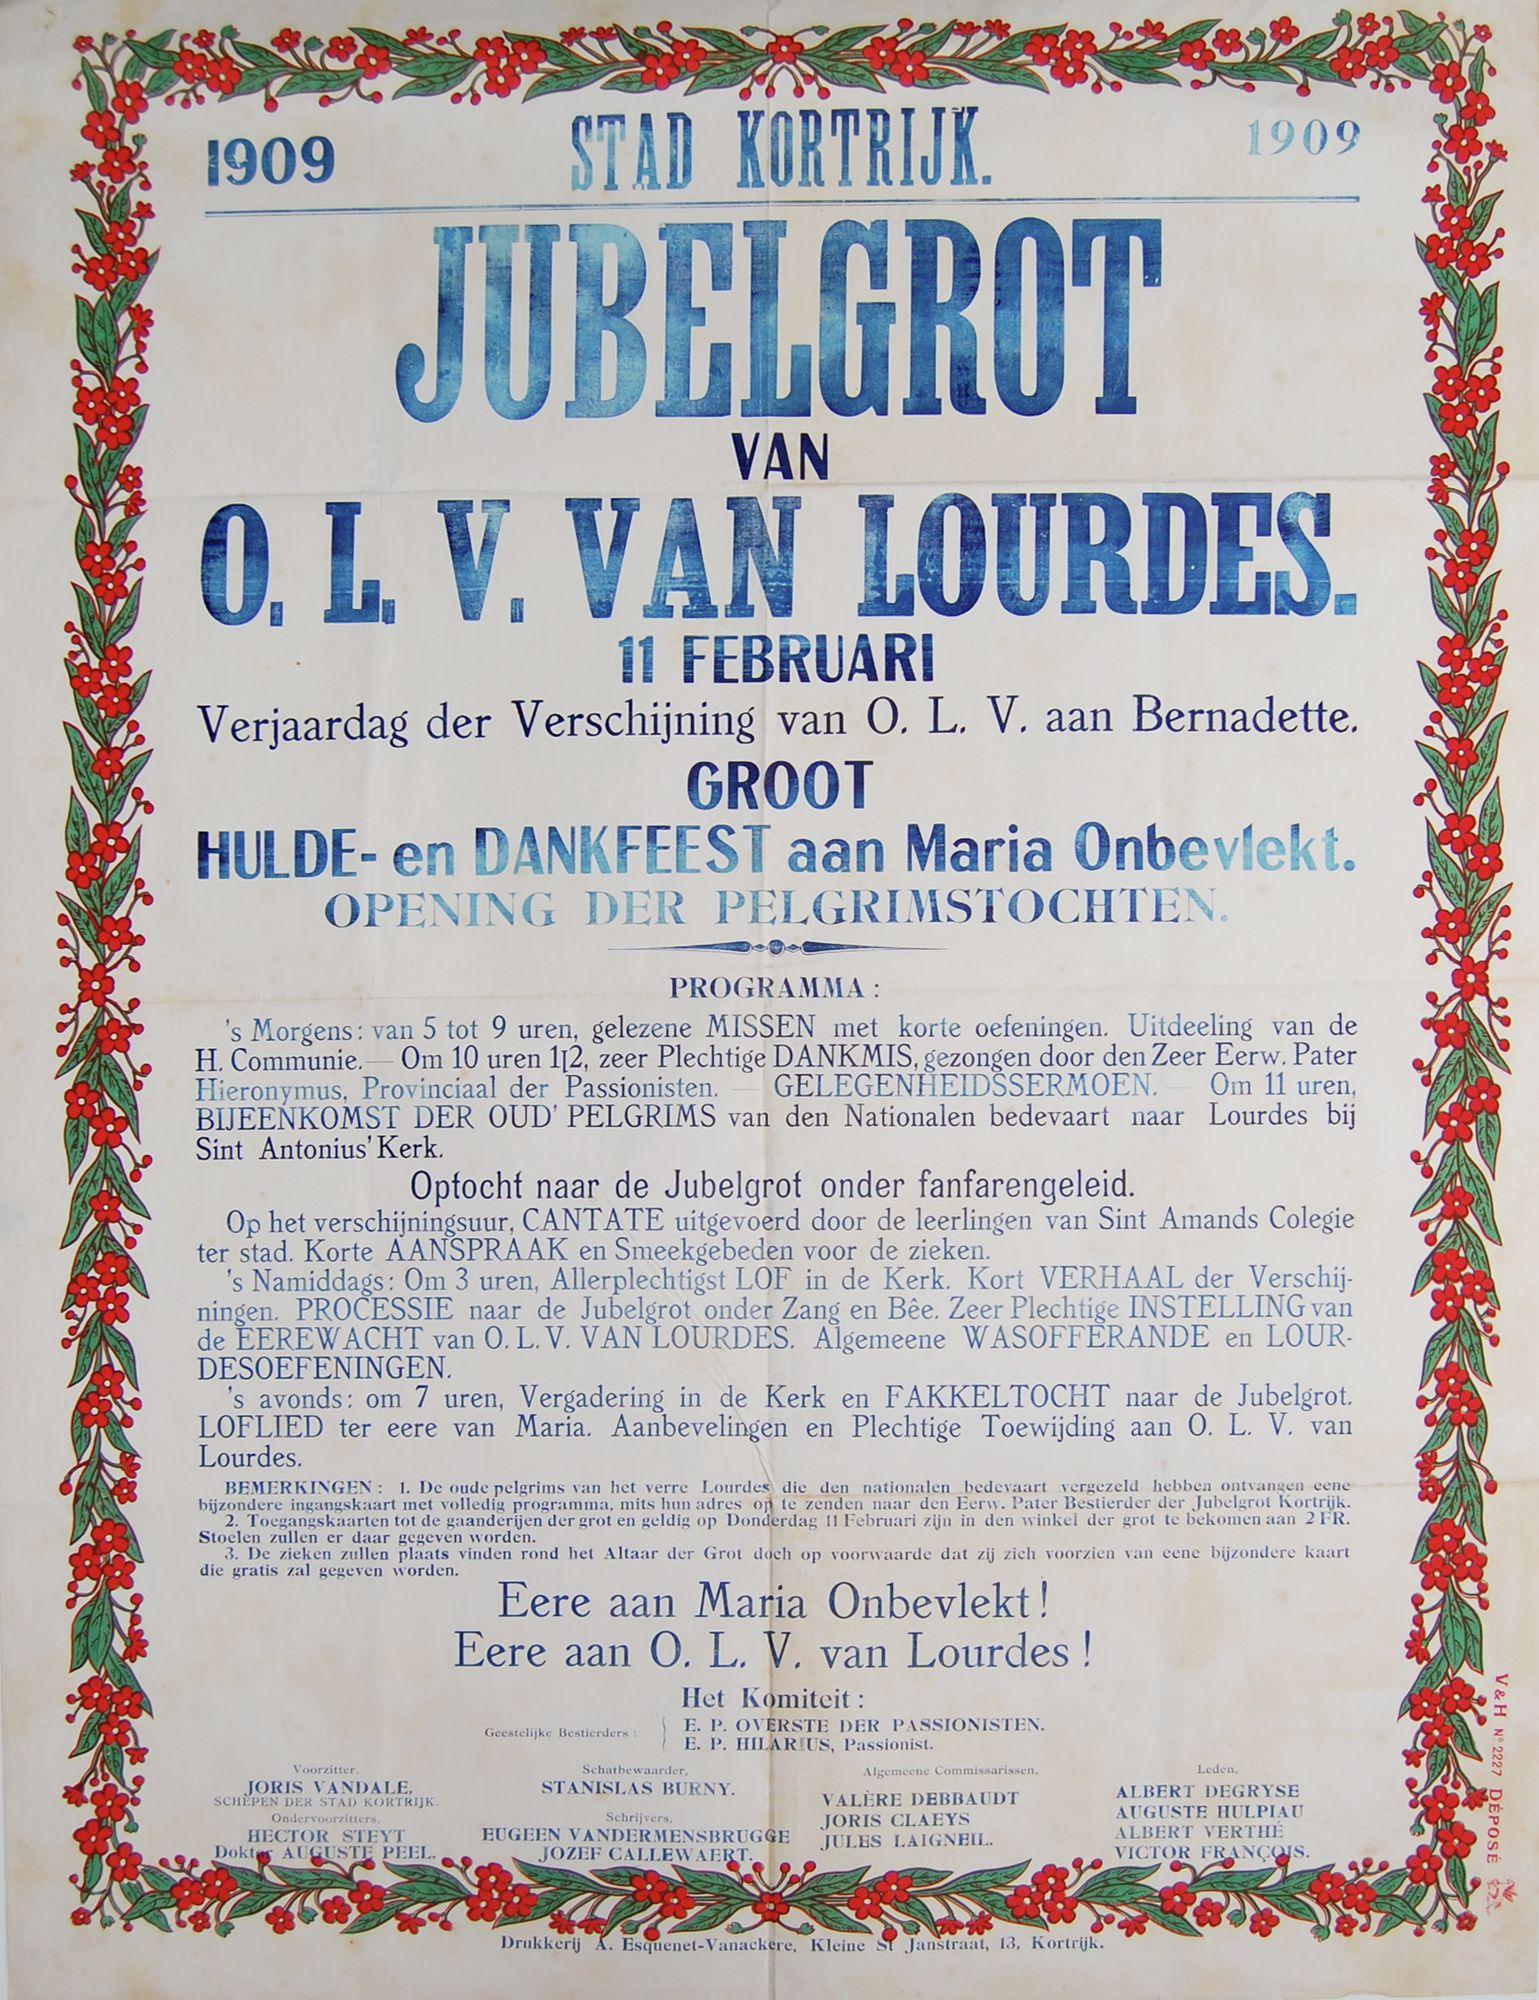 Religieuze feesten Lourdesgrot in 1909